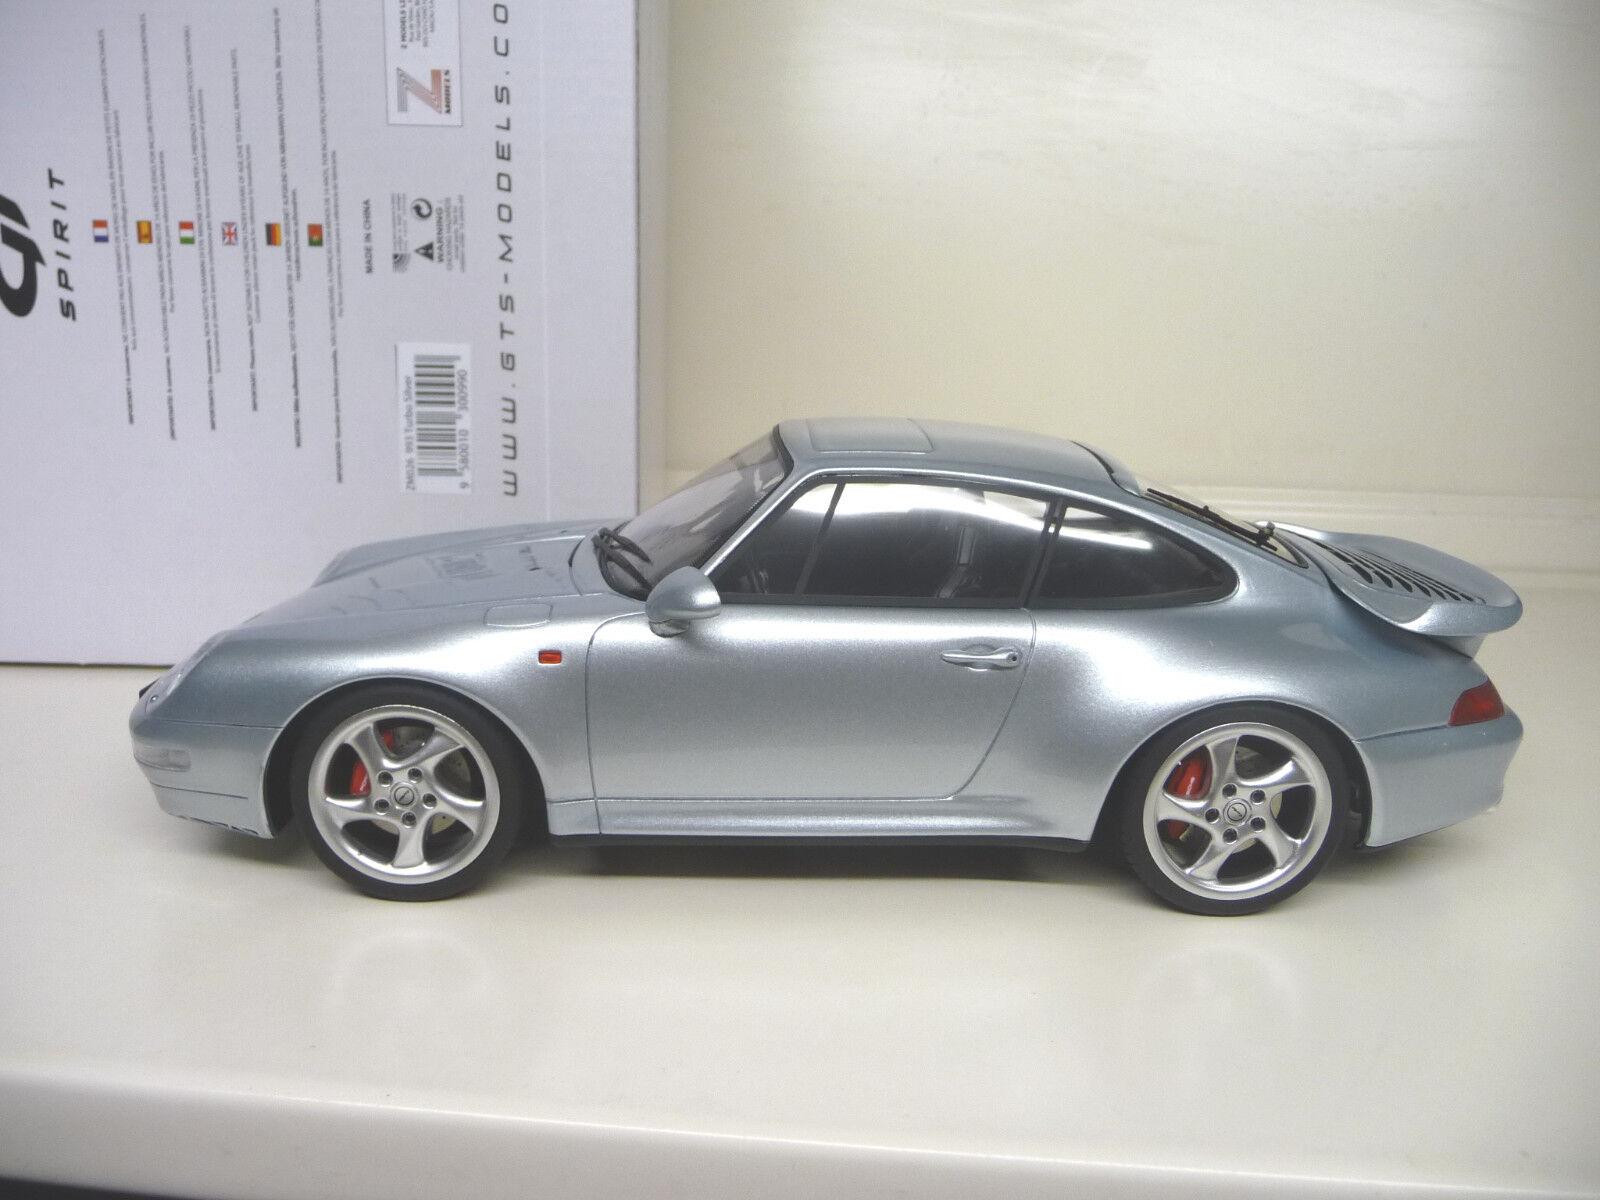 GT Spirit Porsche 911 993 Turbo edición limitada de Plata. envío Gratis